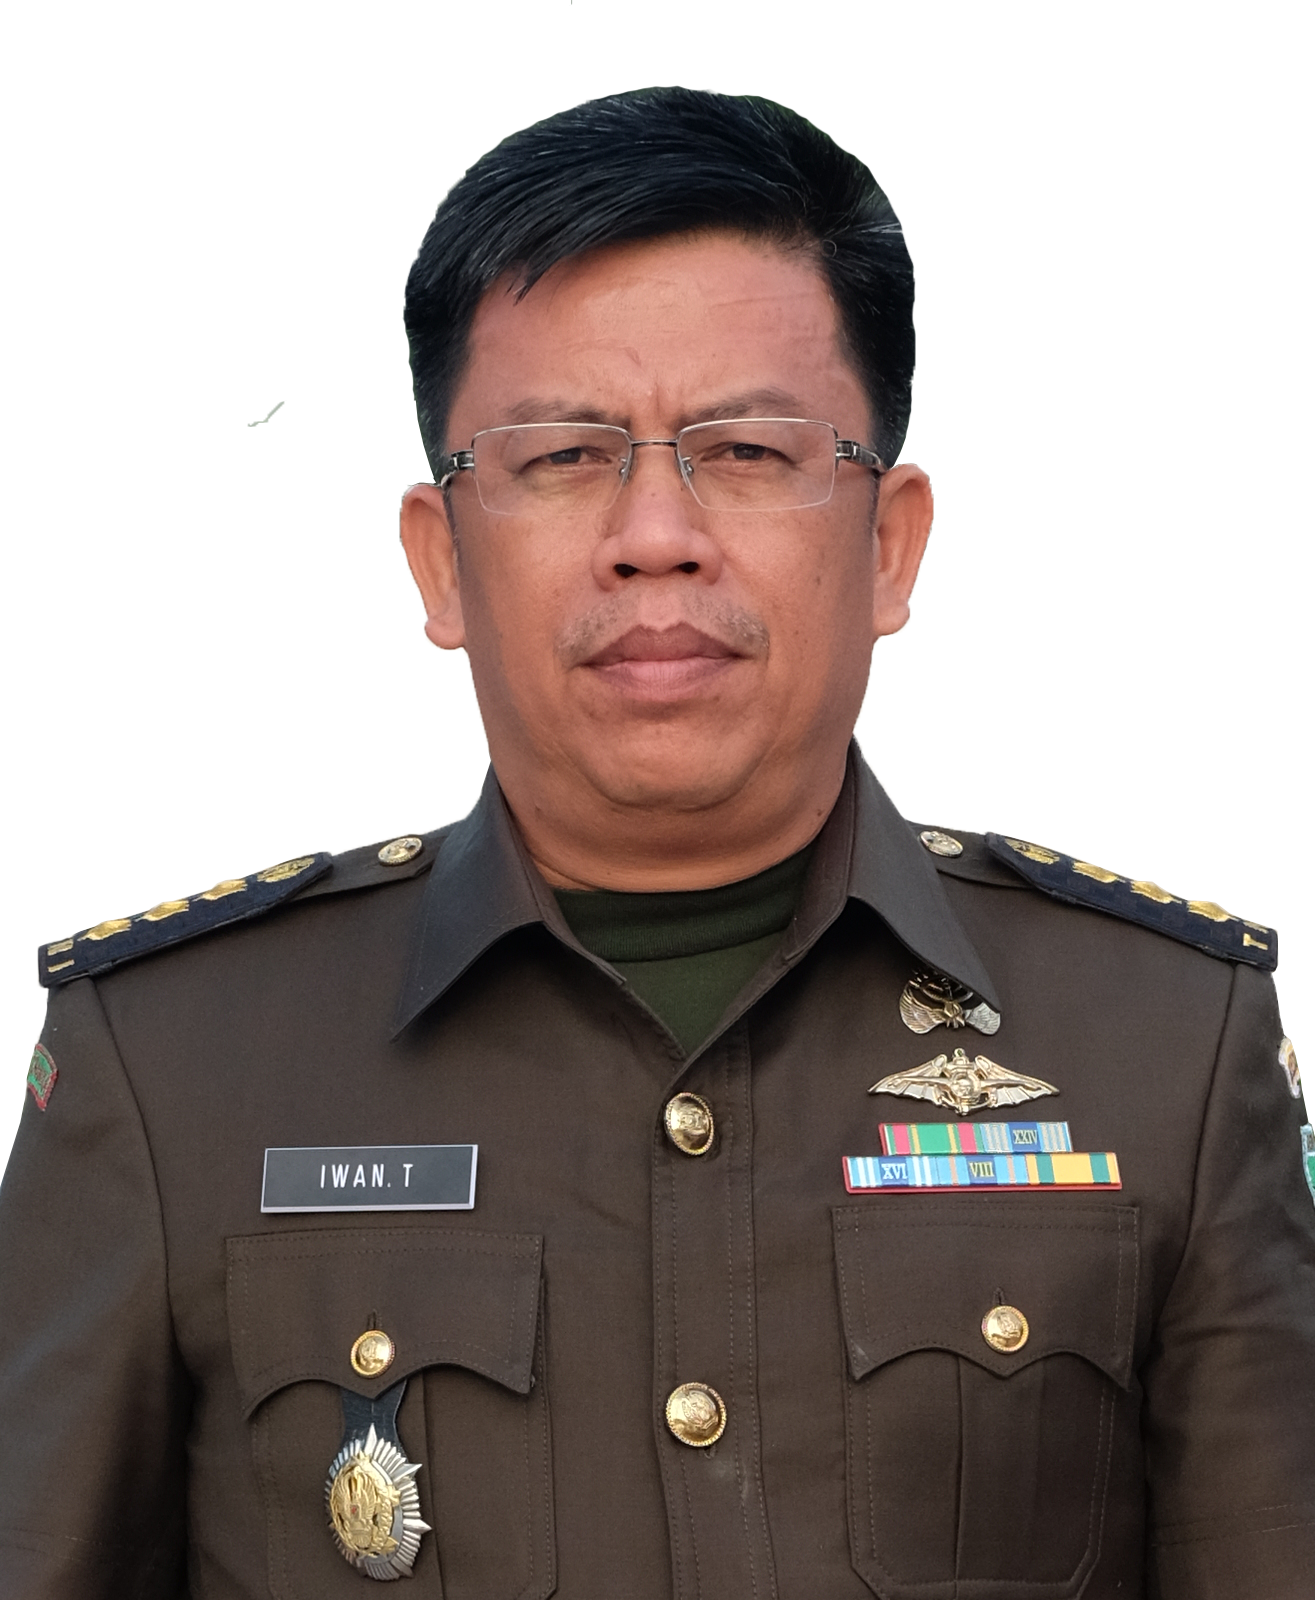 dr. Iwan Turniawan, M.A.R.S